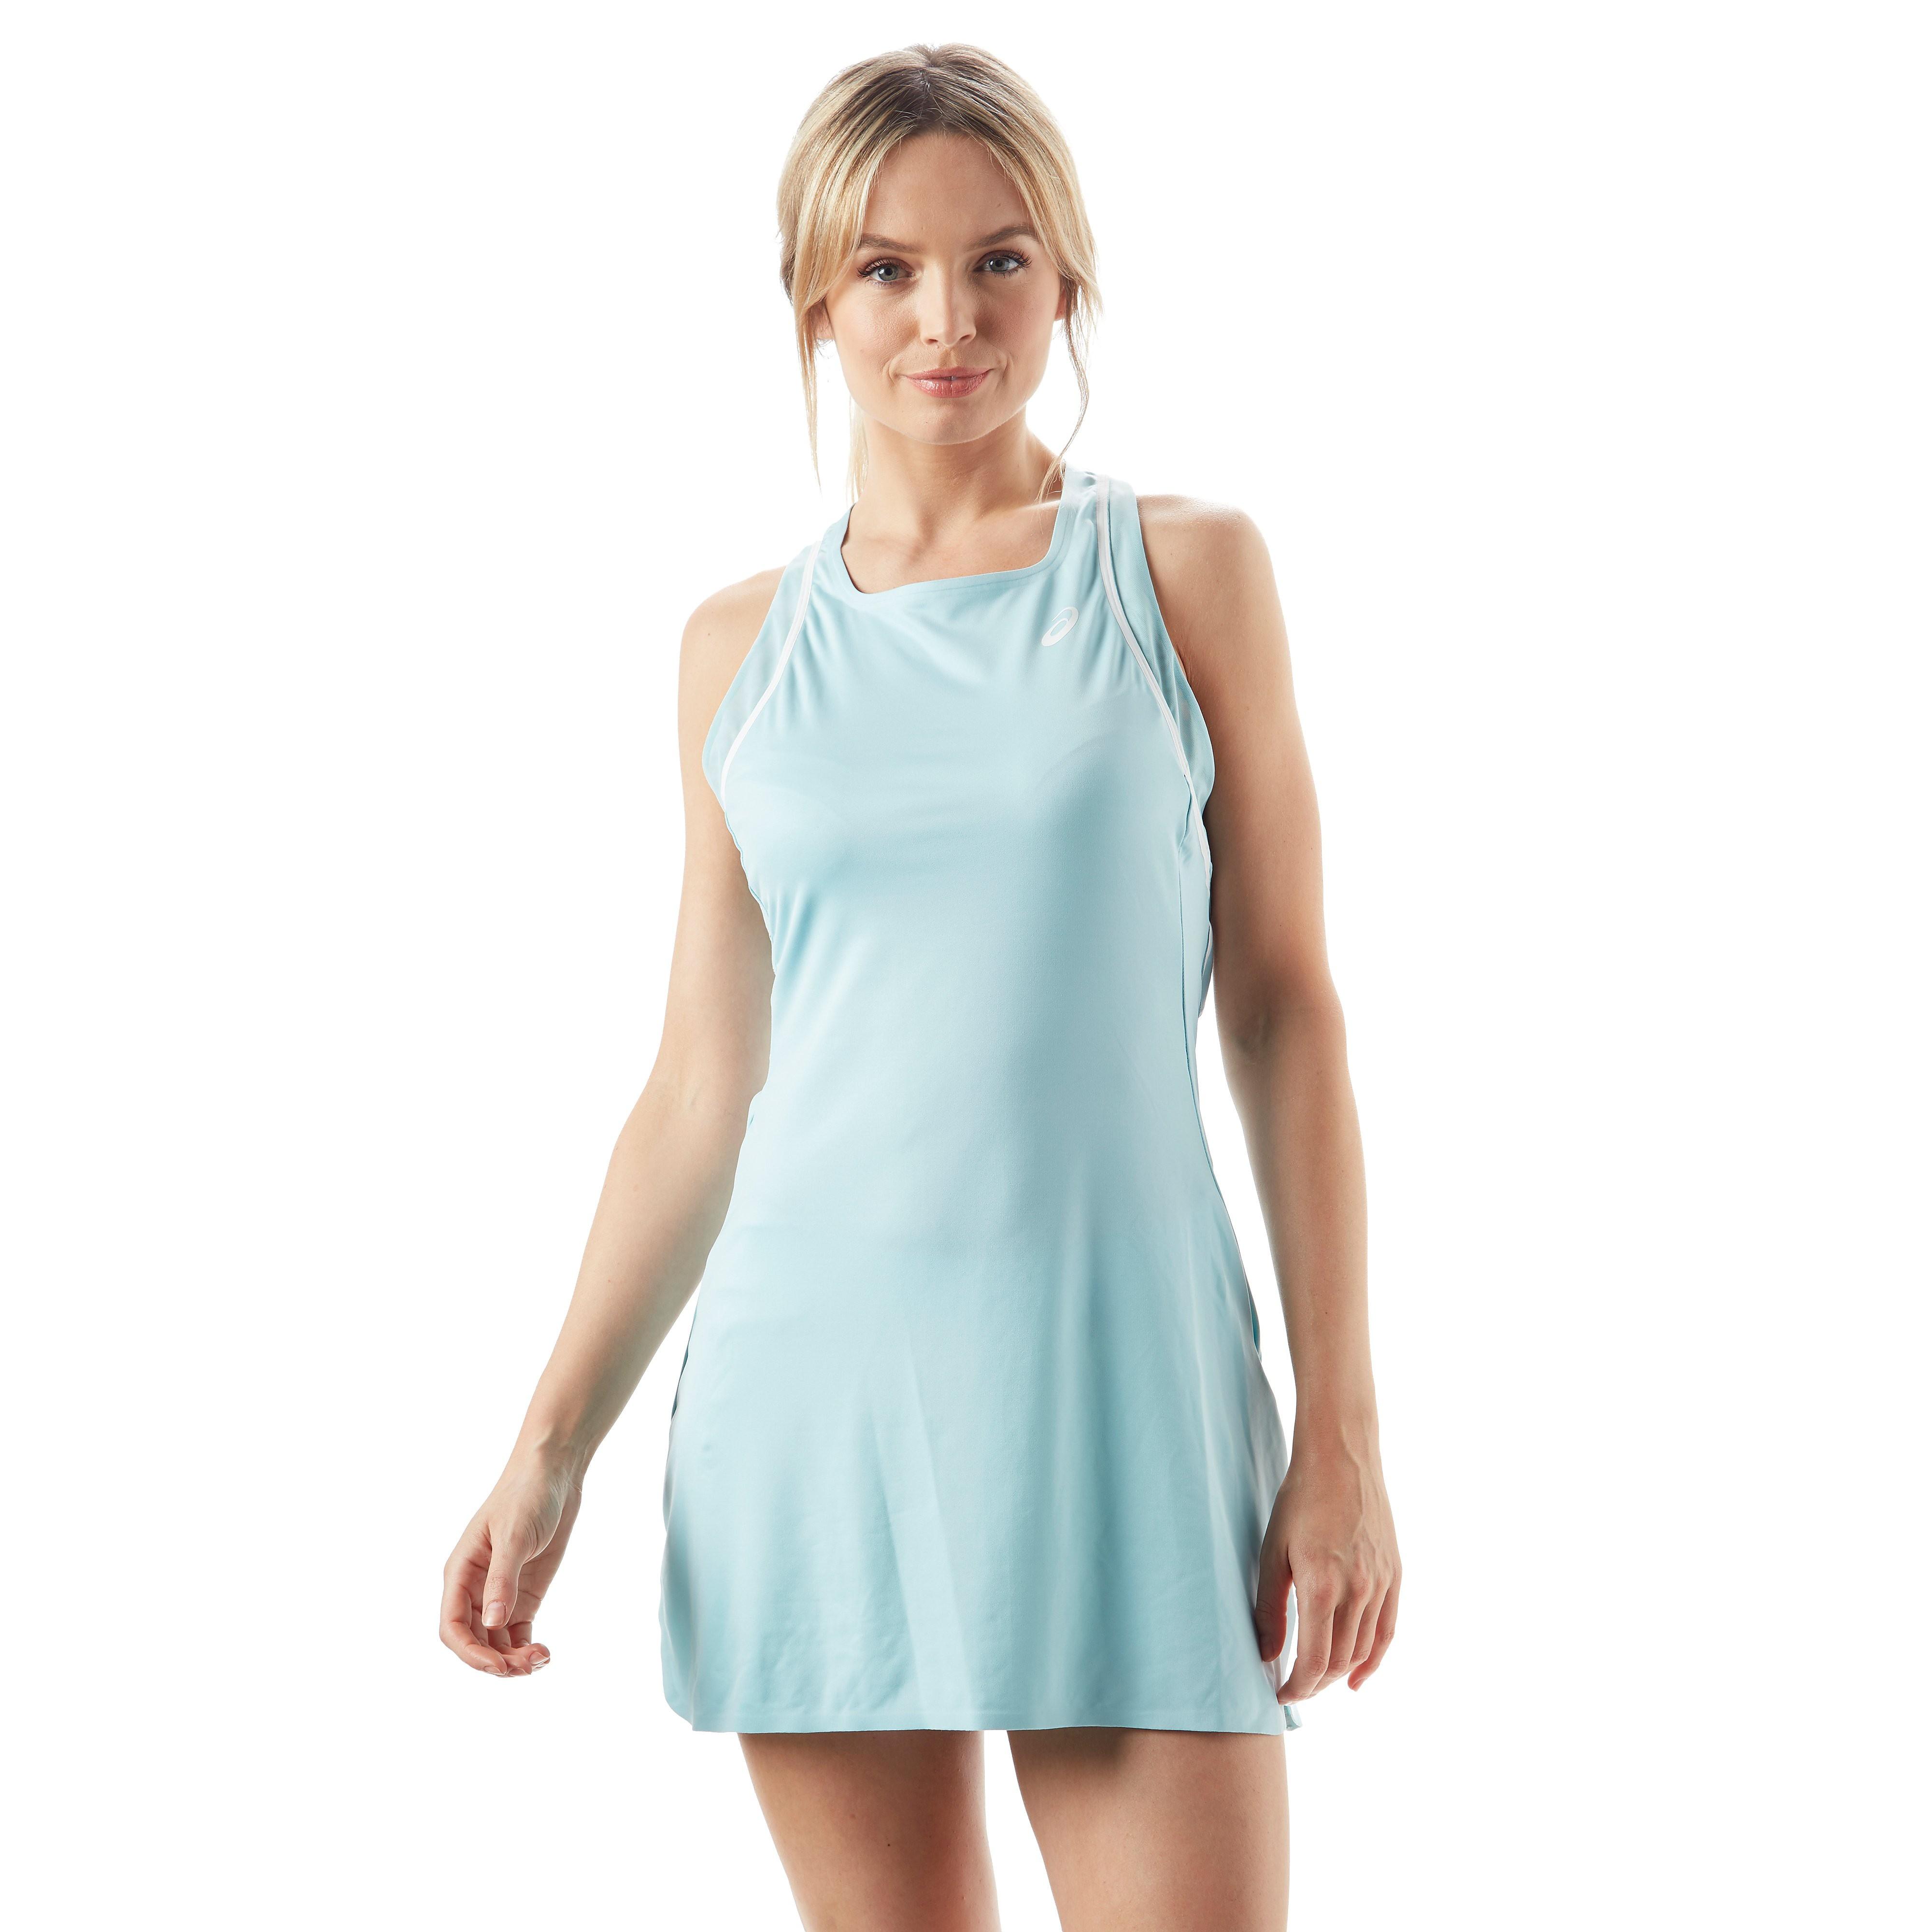 ASICS Gel Cool Performance Women's Tennis Dress